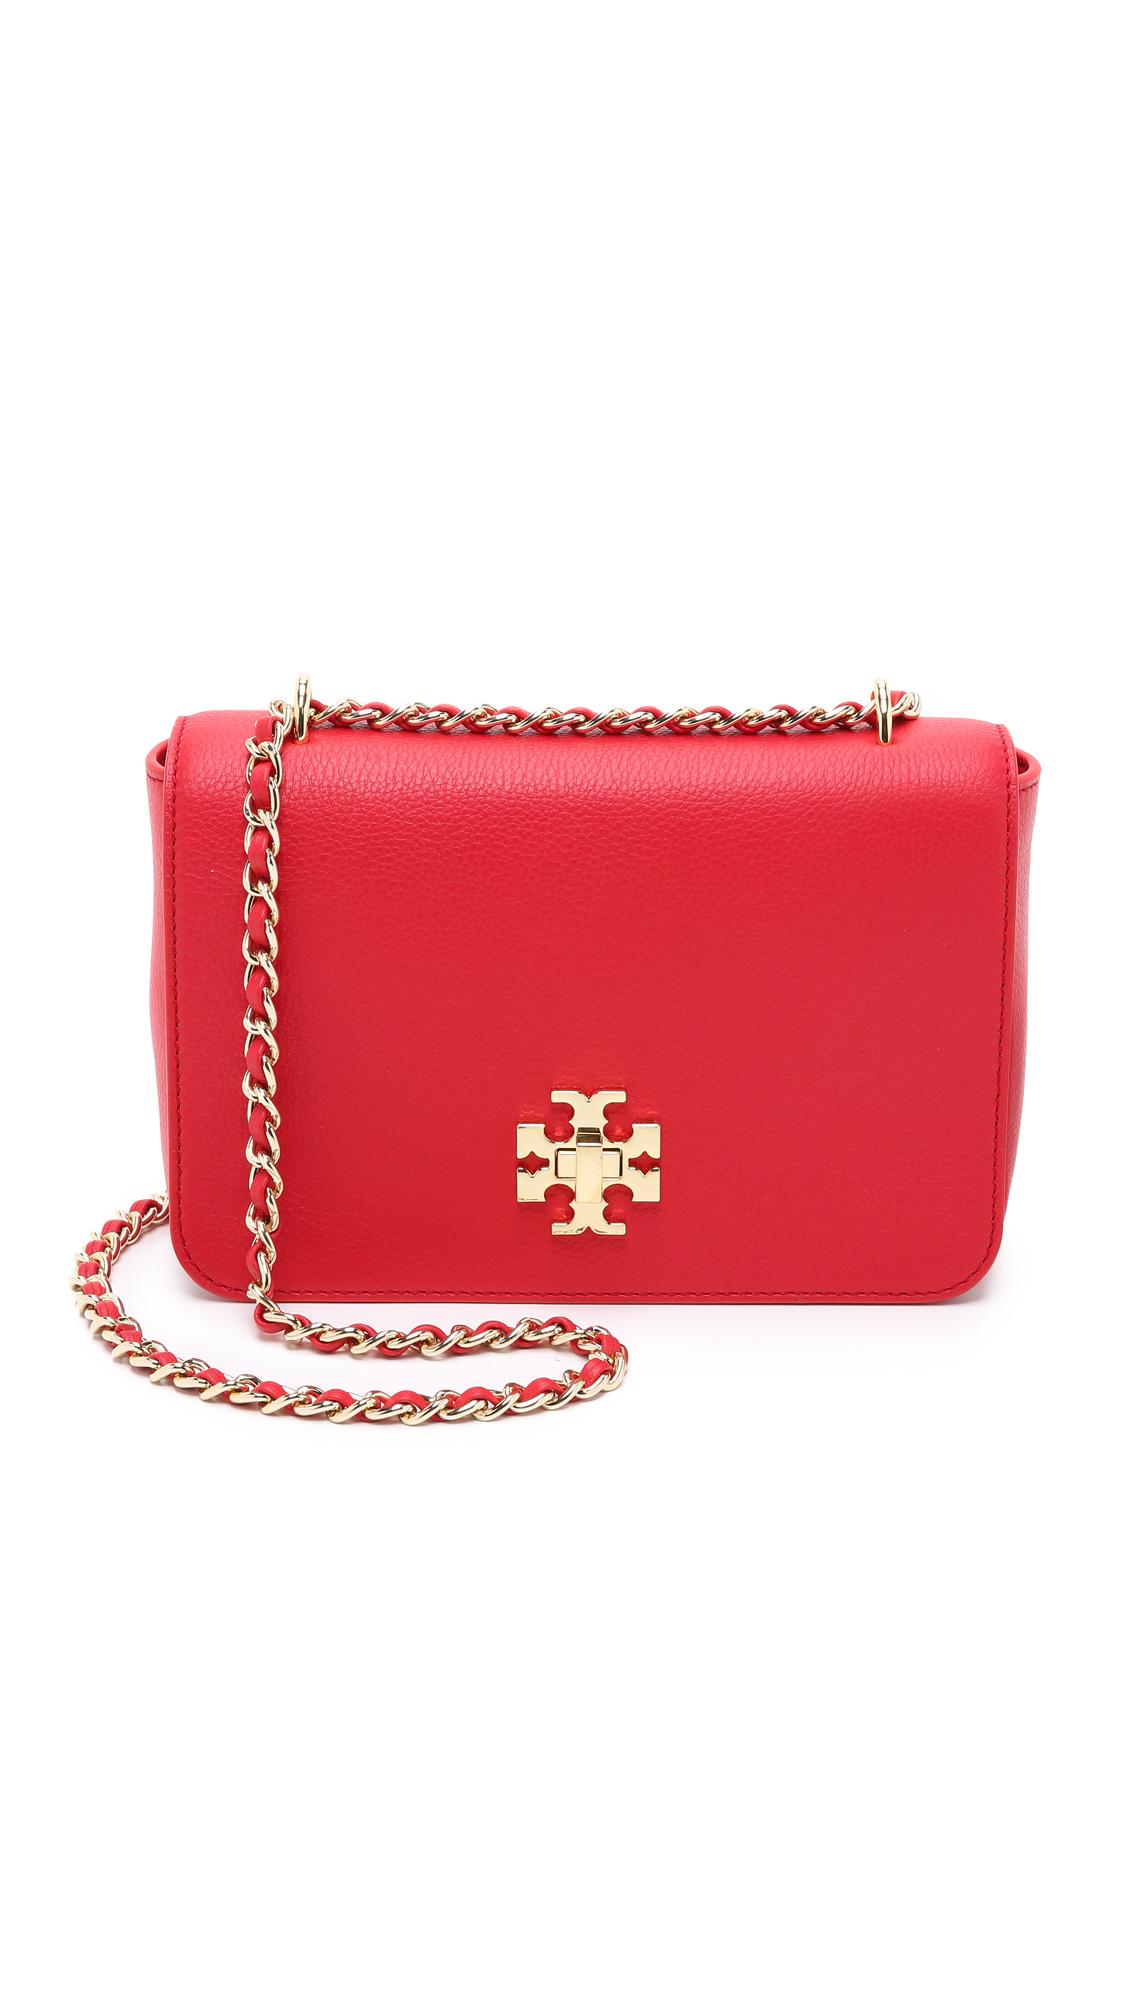 fdf3af866281 Tory Burch Mercer Adjustable Shoulder Bag - Vermillion in Red - Lyst